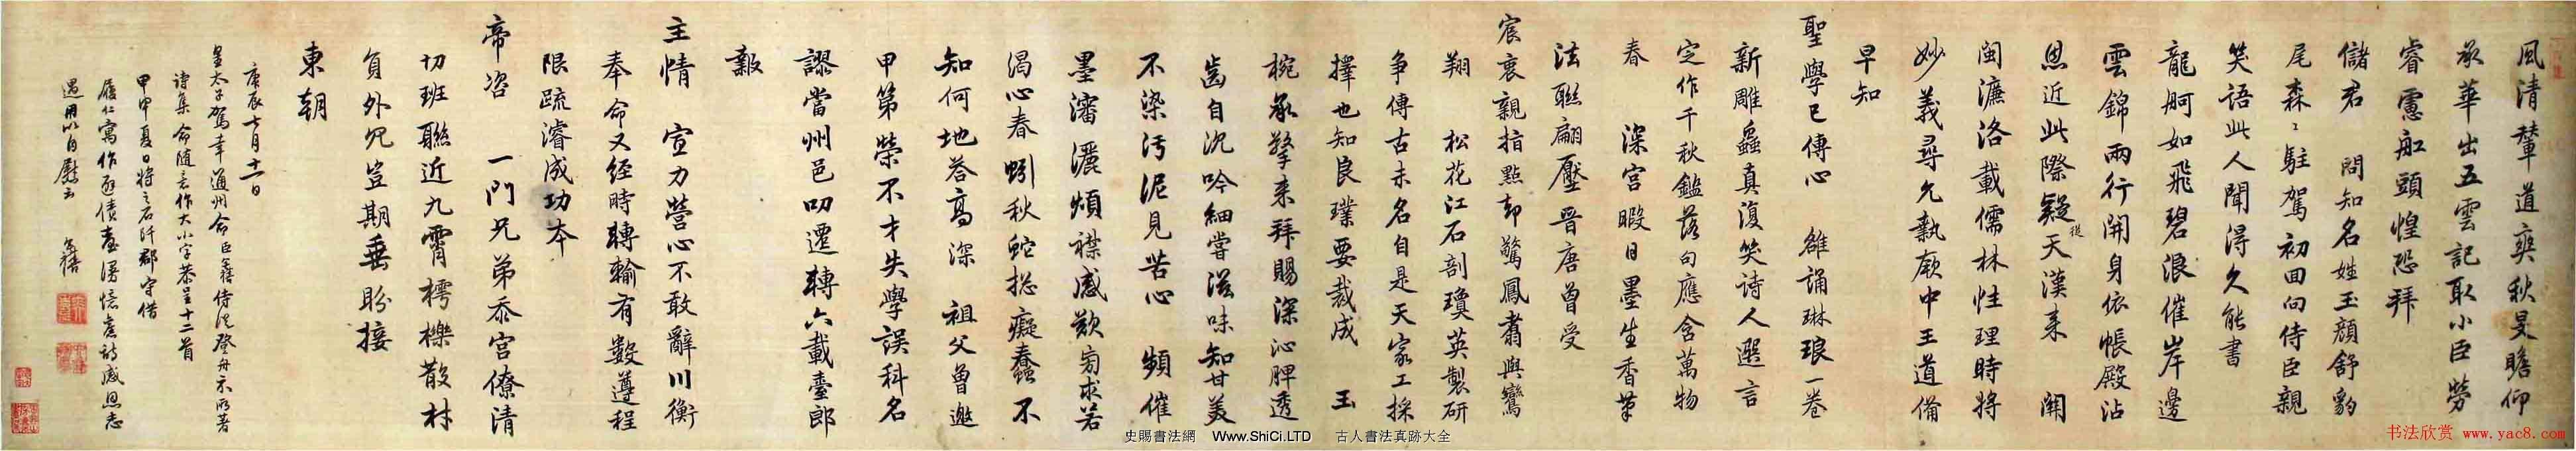 陳奕禧書法手卷真跡欣賞《感恩詩十二首》(共7張圖片)